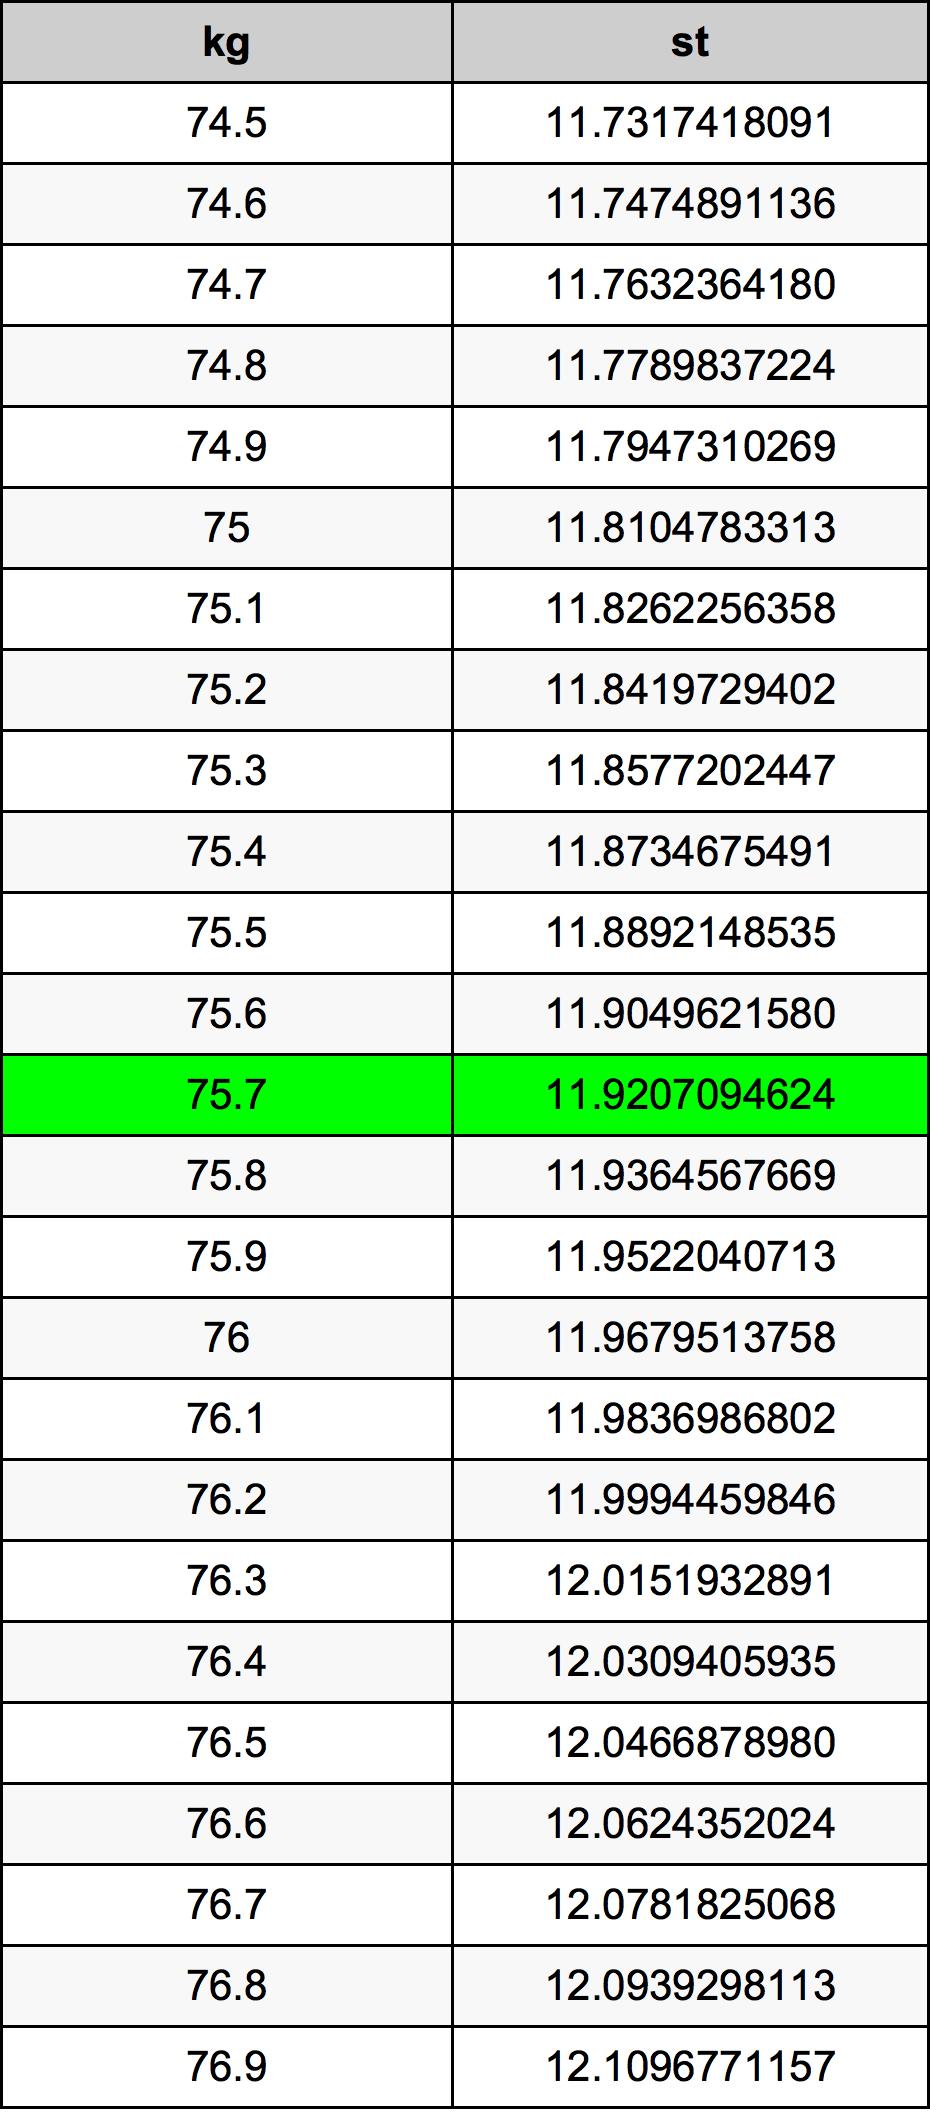 75.7 Kilogramo Tabla de conversión